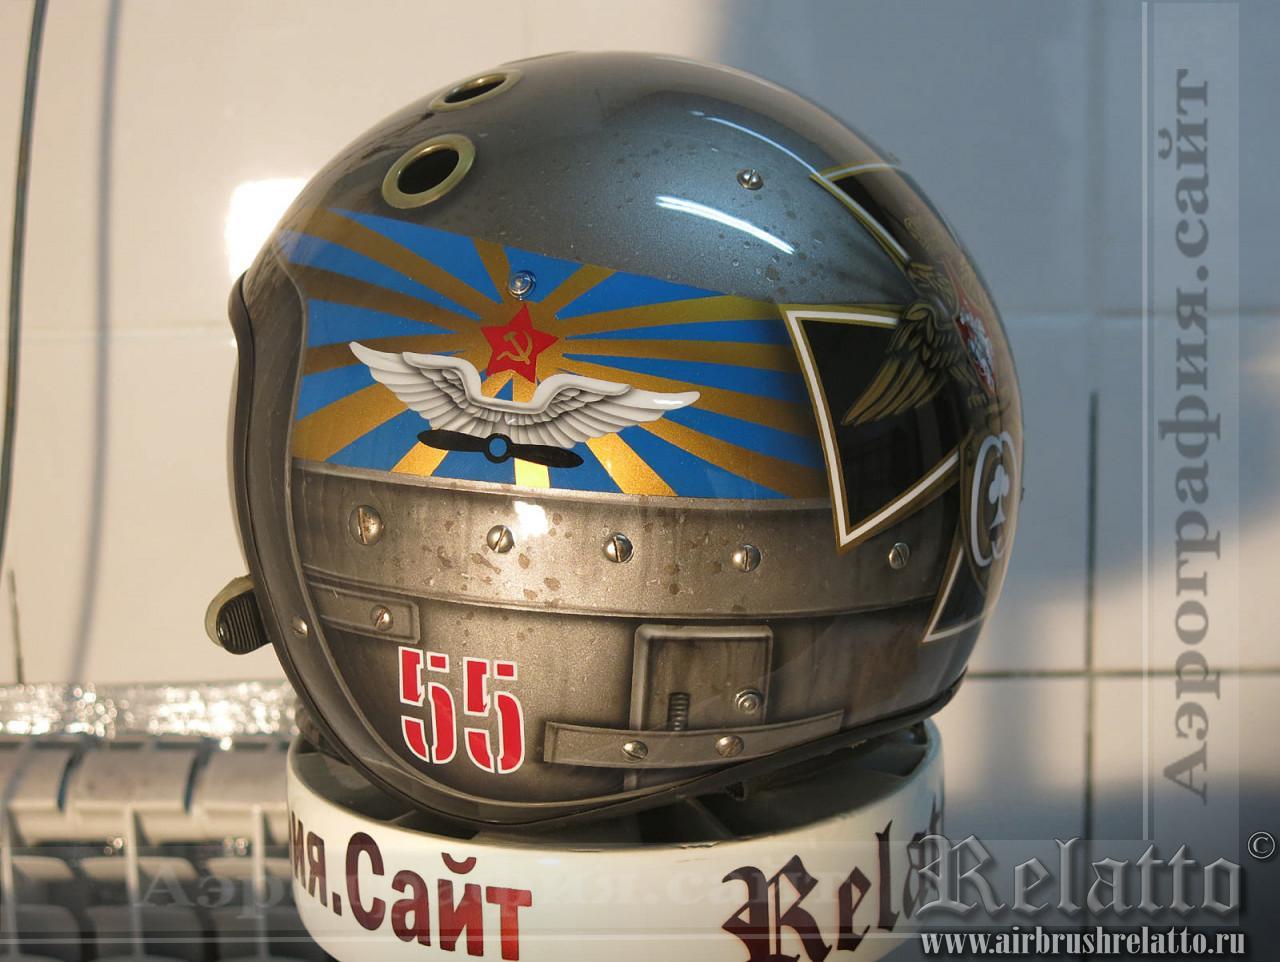 летный шлем в подарок в Краснодаре